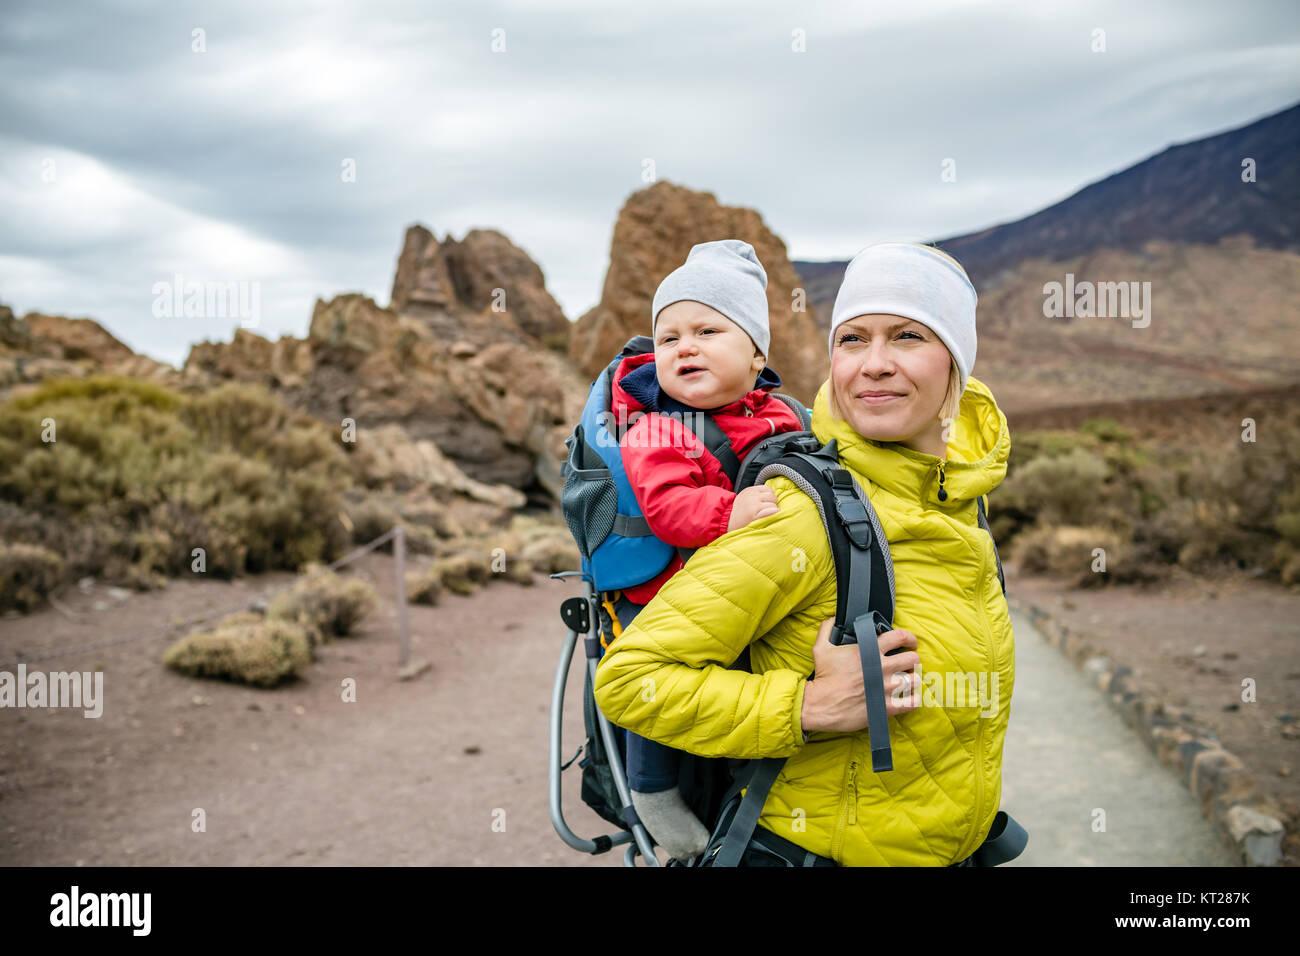 Super maman avec bébé garçon voyager en sac à dos. Mère sur randonnées aventure avec Photo Stock